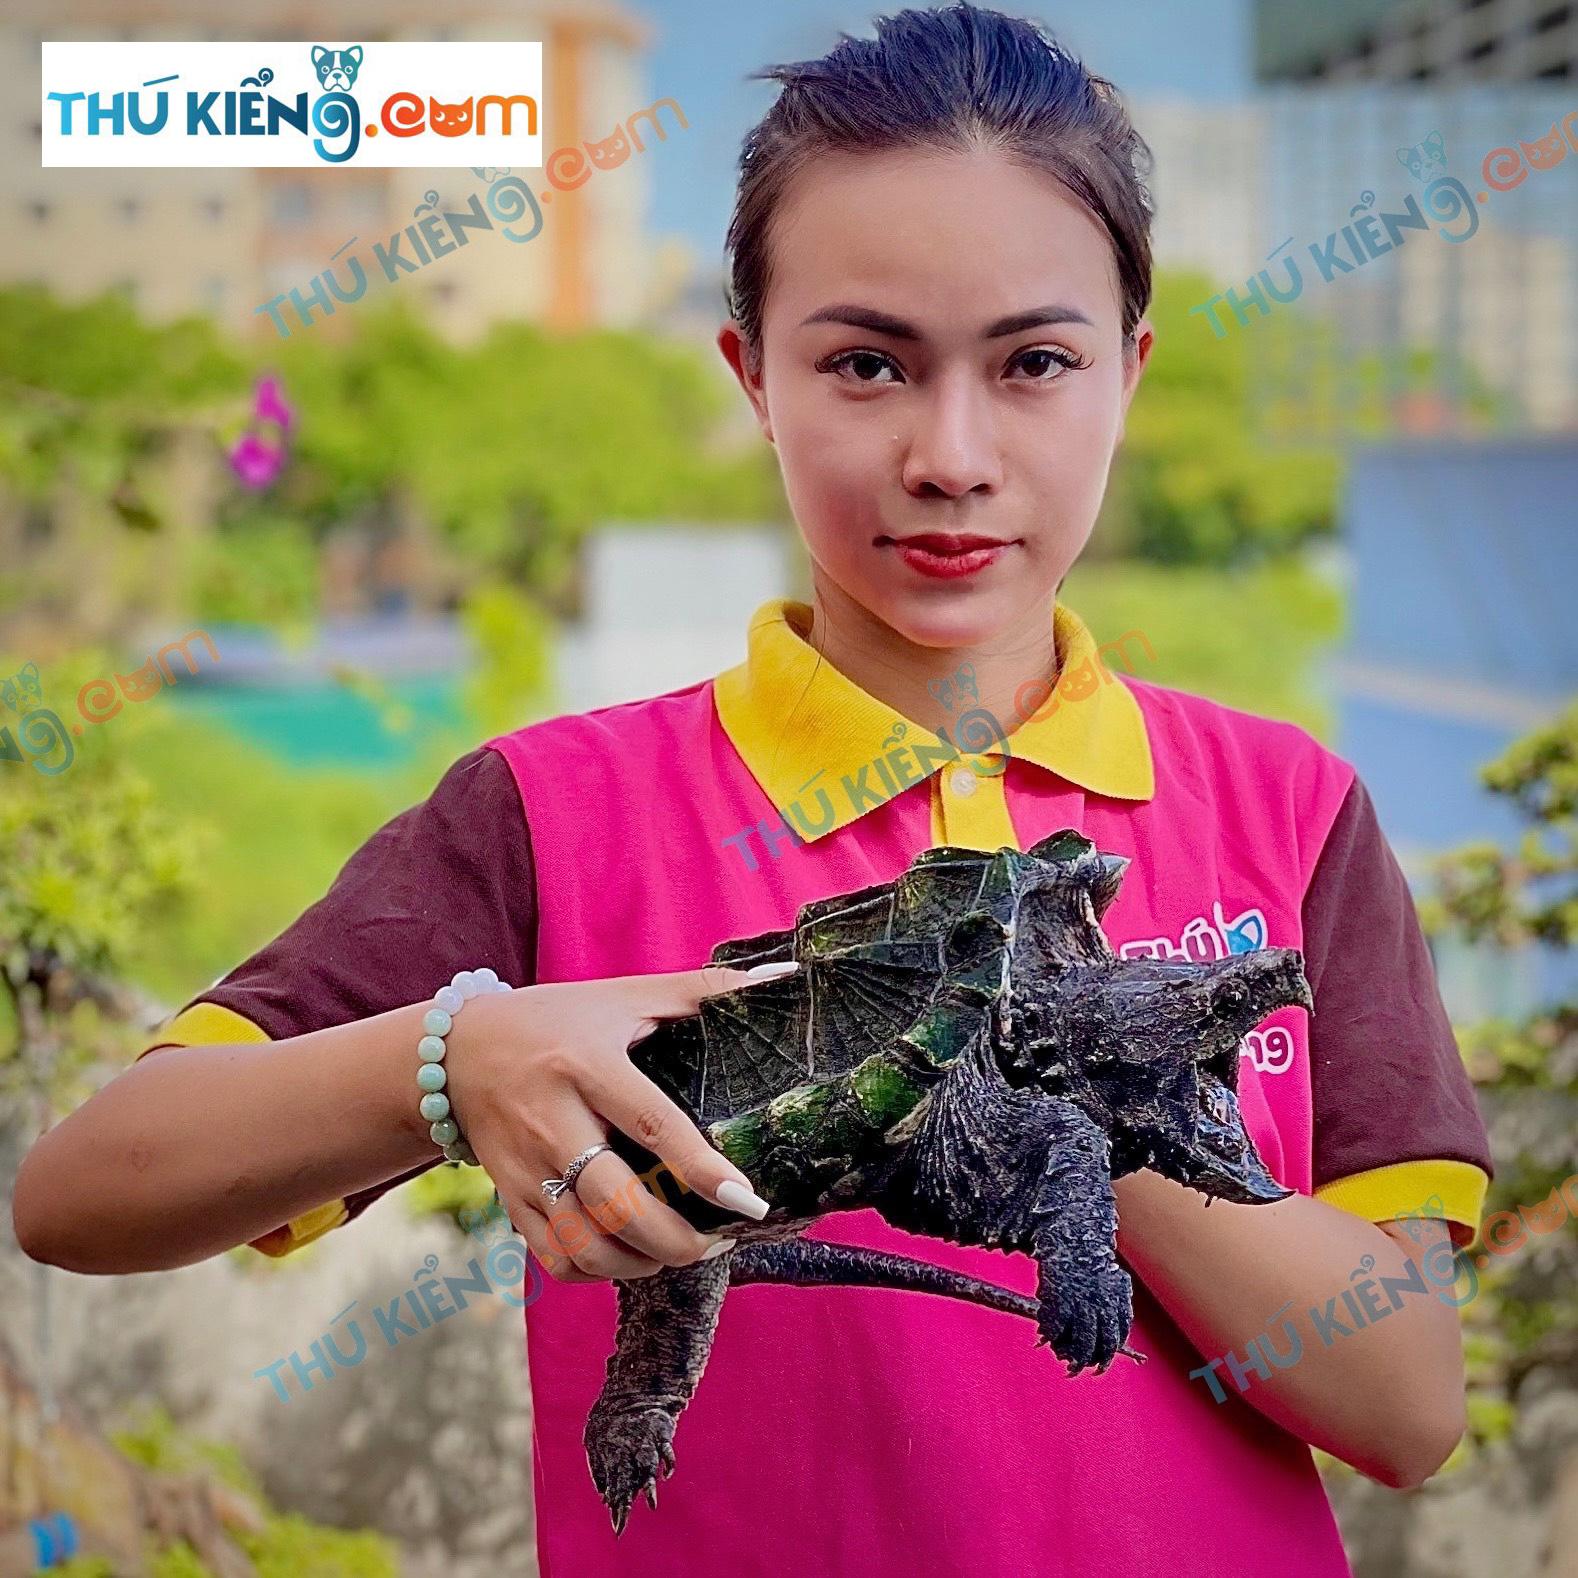 Rùa Alligator Snapping tại Thukieng.com